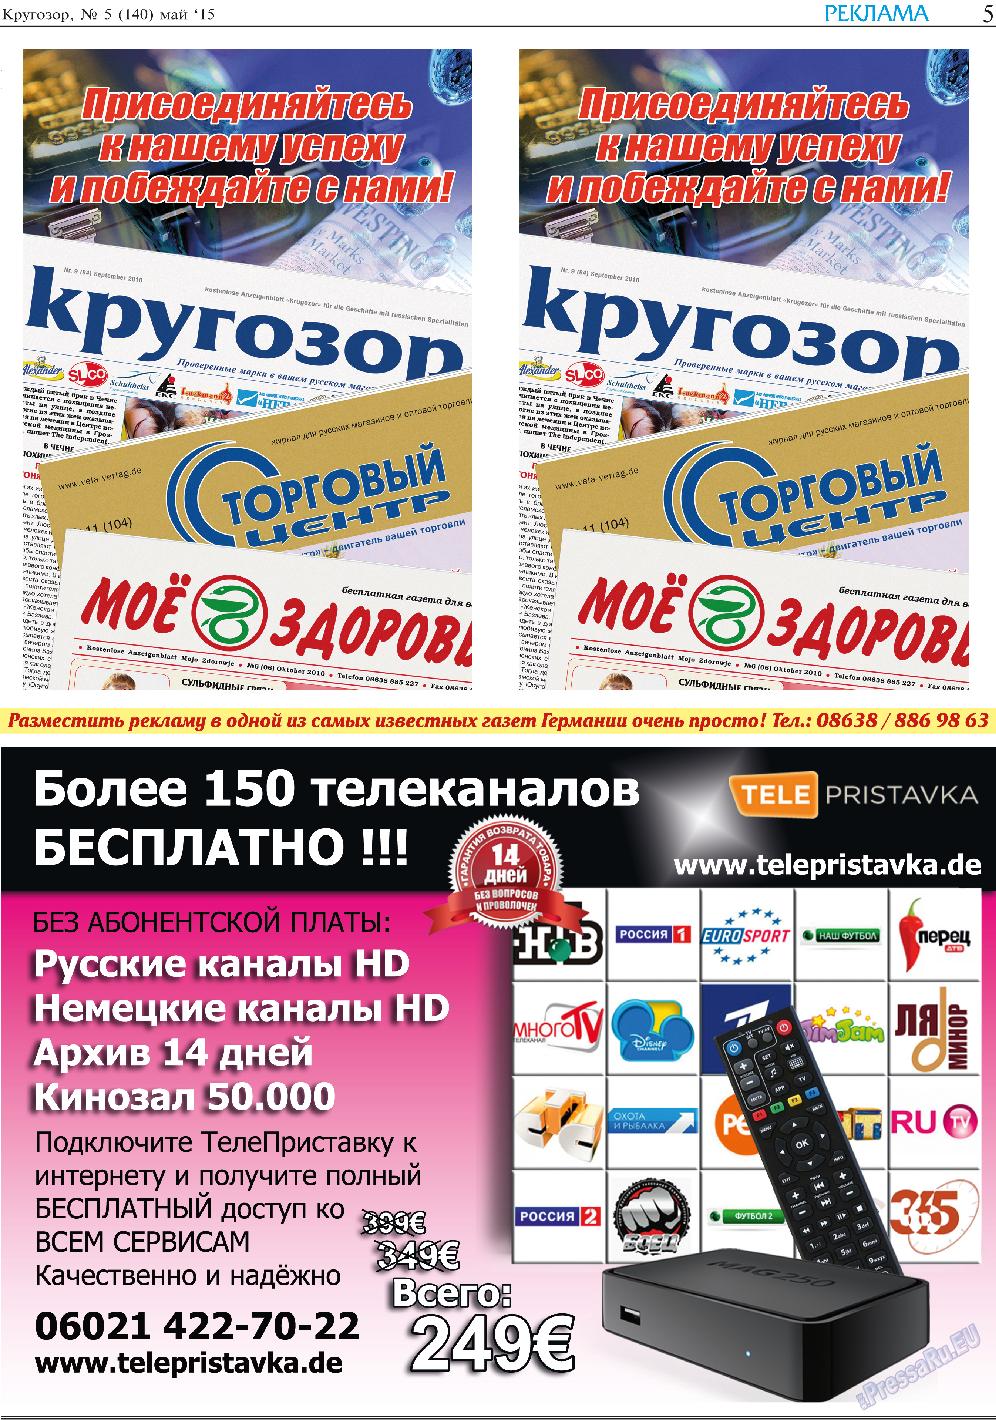 Кругозор (газета). 2015 год, номер 5, стр. 5